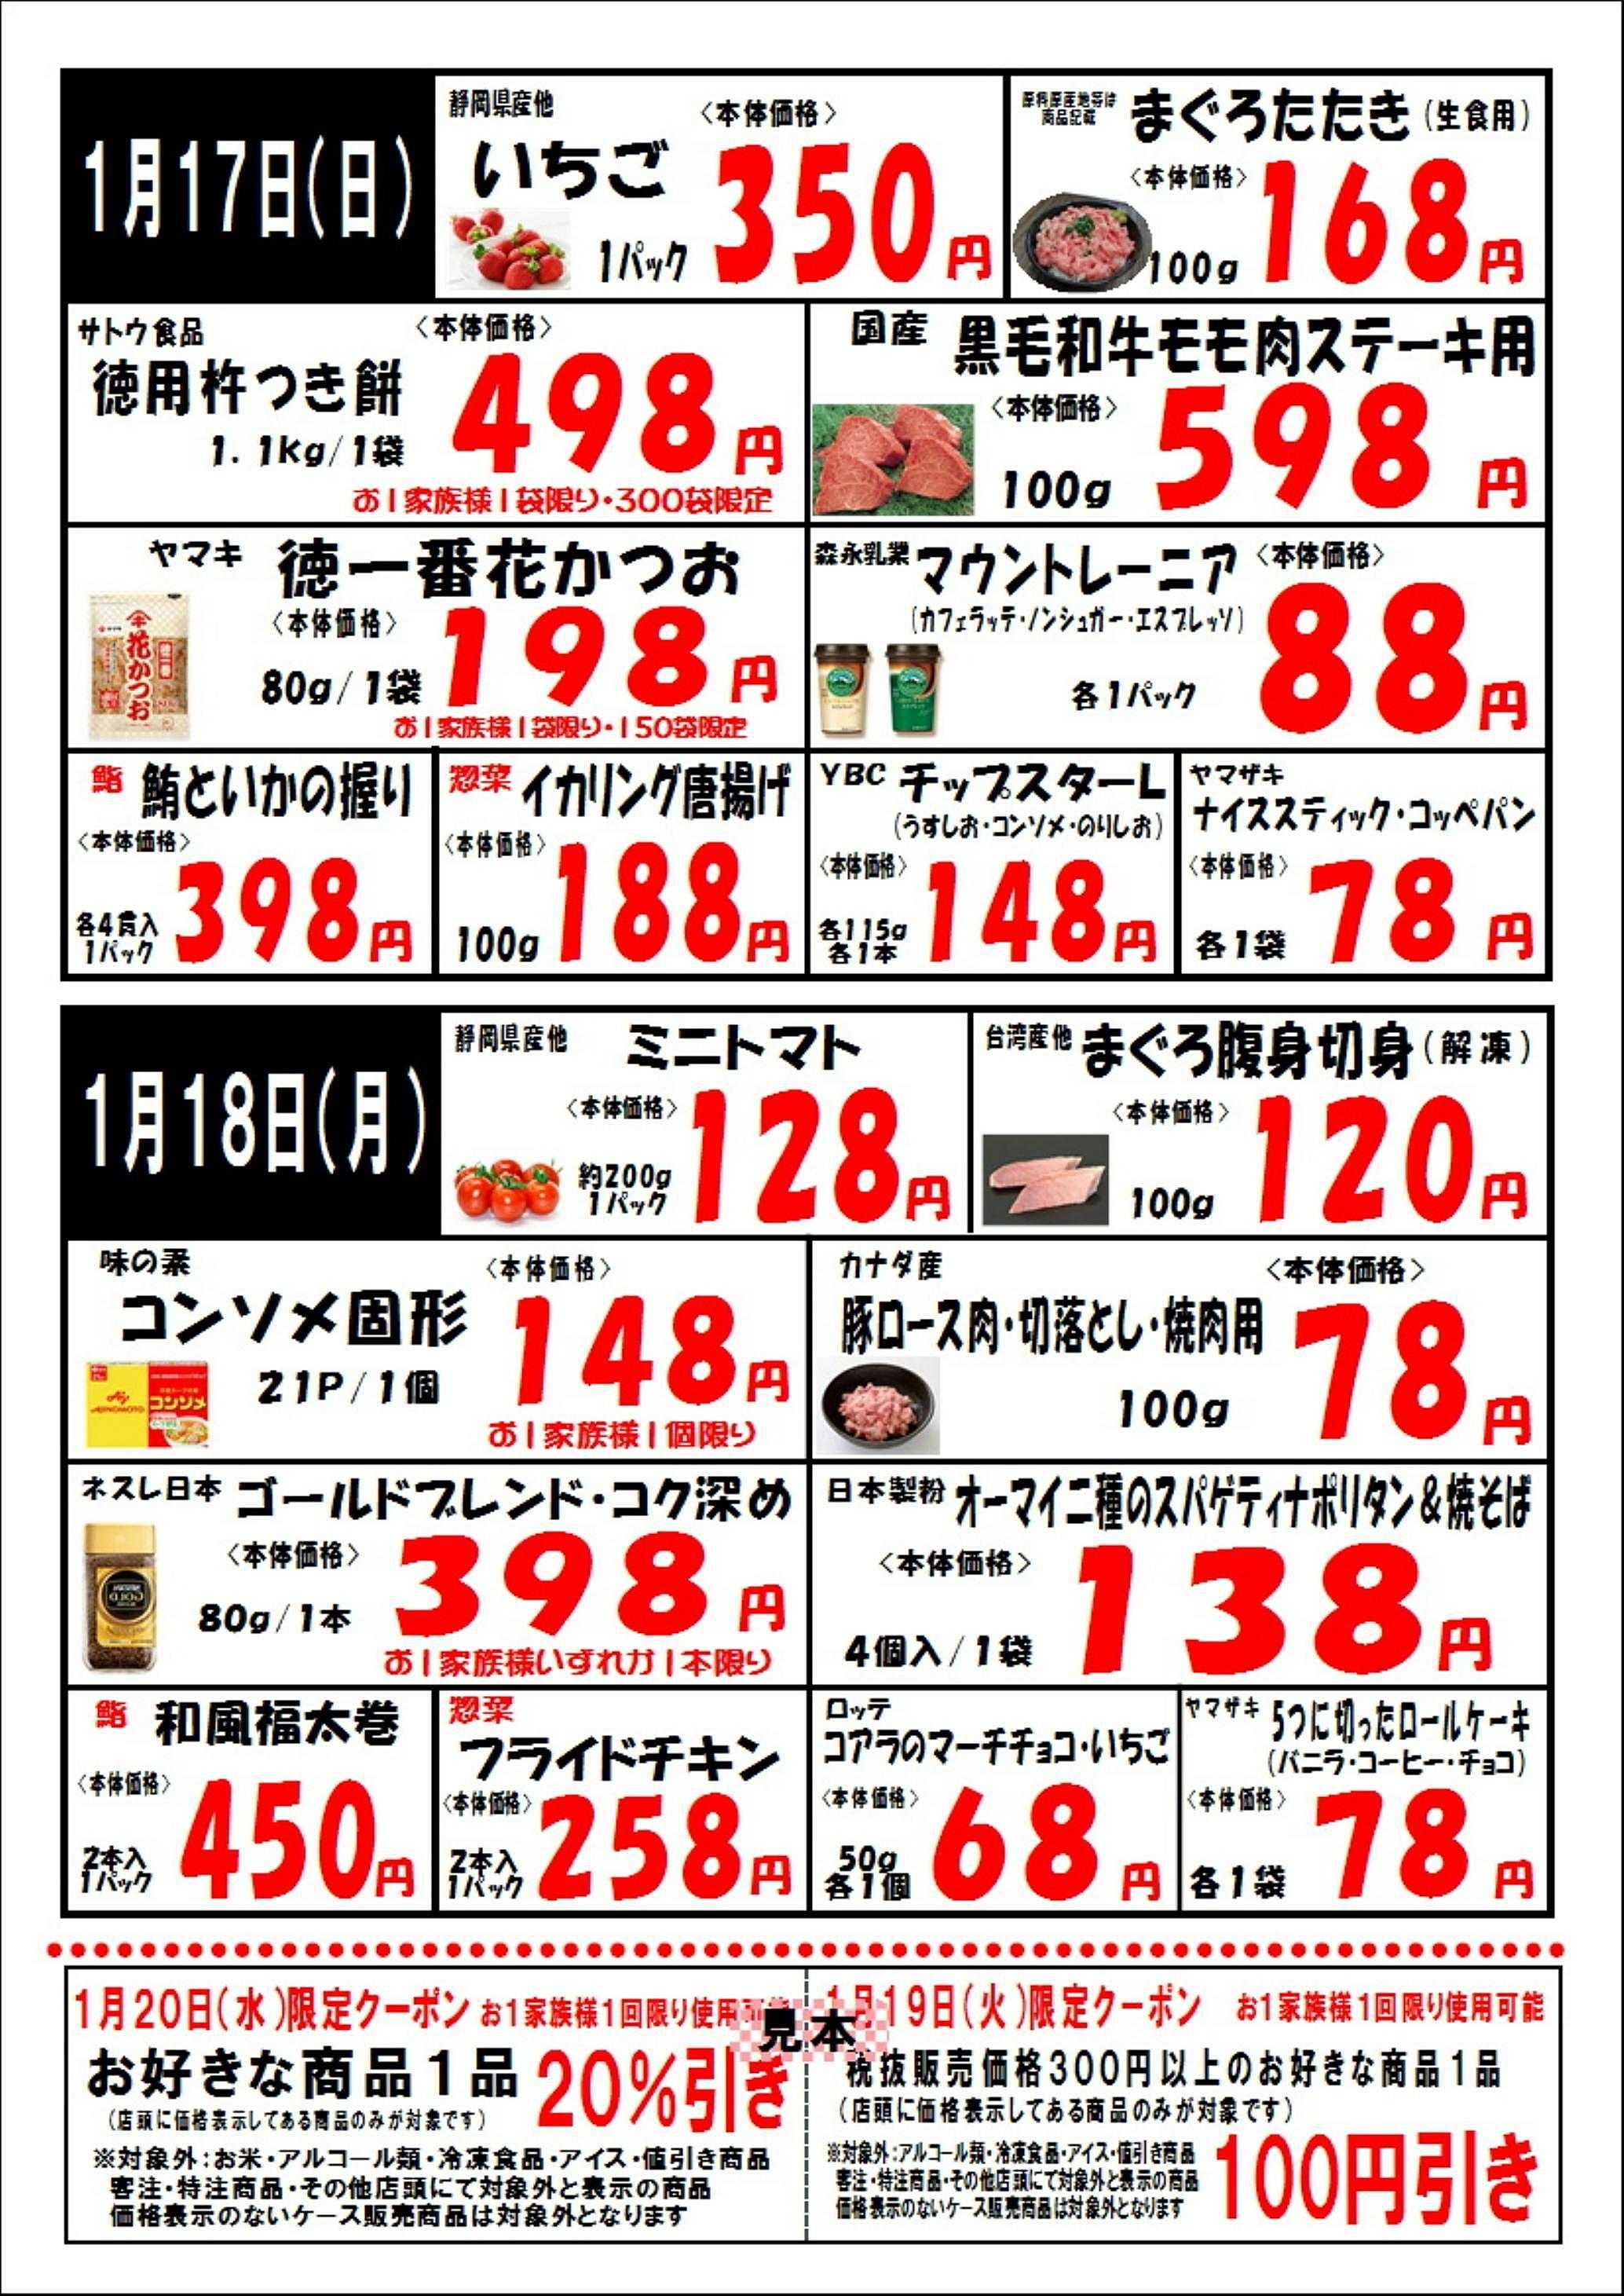 フードマーケット マム 柿田川店 週末大特価市 1/16~1/18